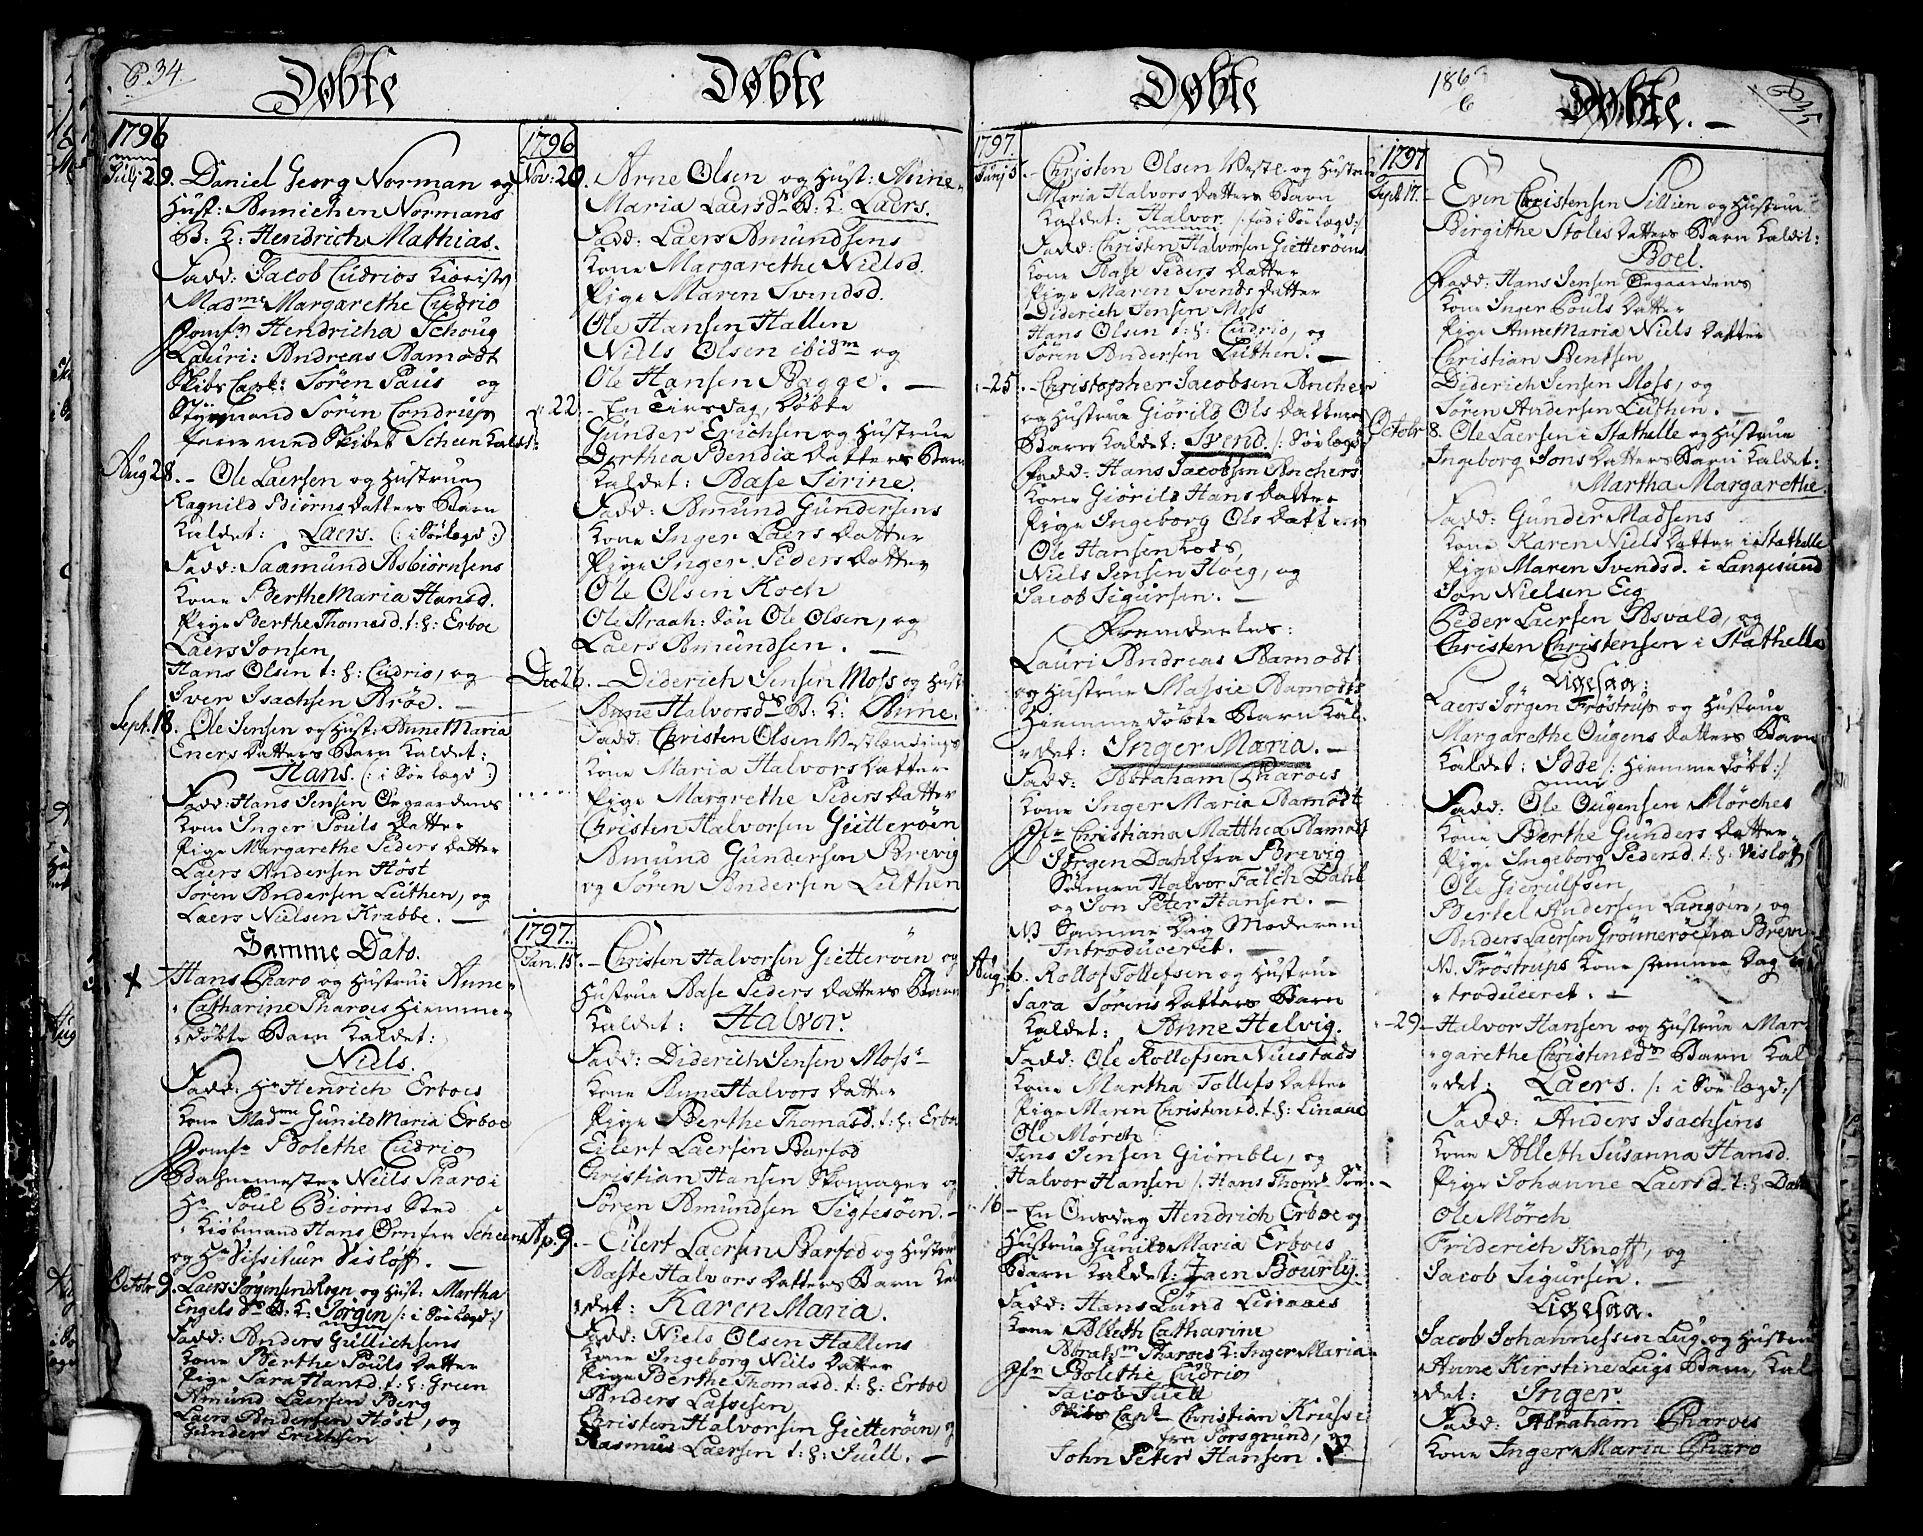 SAKO, Langesund kirkebøker, G/Ga/L0001: Klokkerbok nr. 1, 1783-1801, s. 34-35